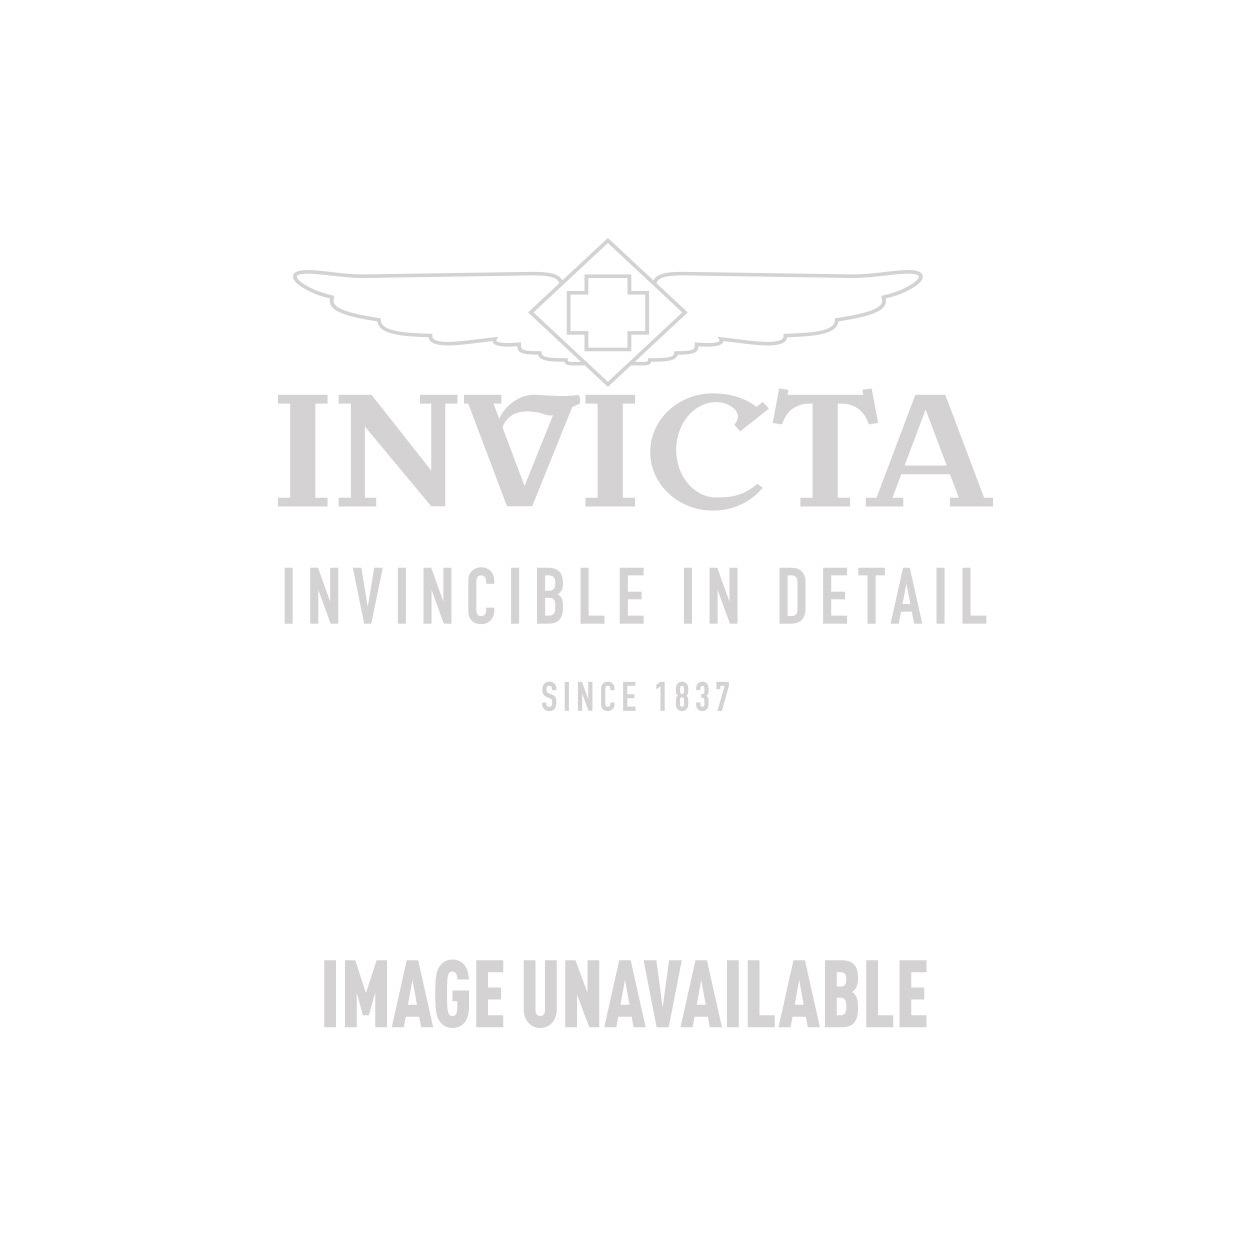 Invicta Model 25066